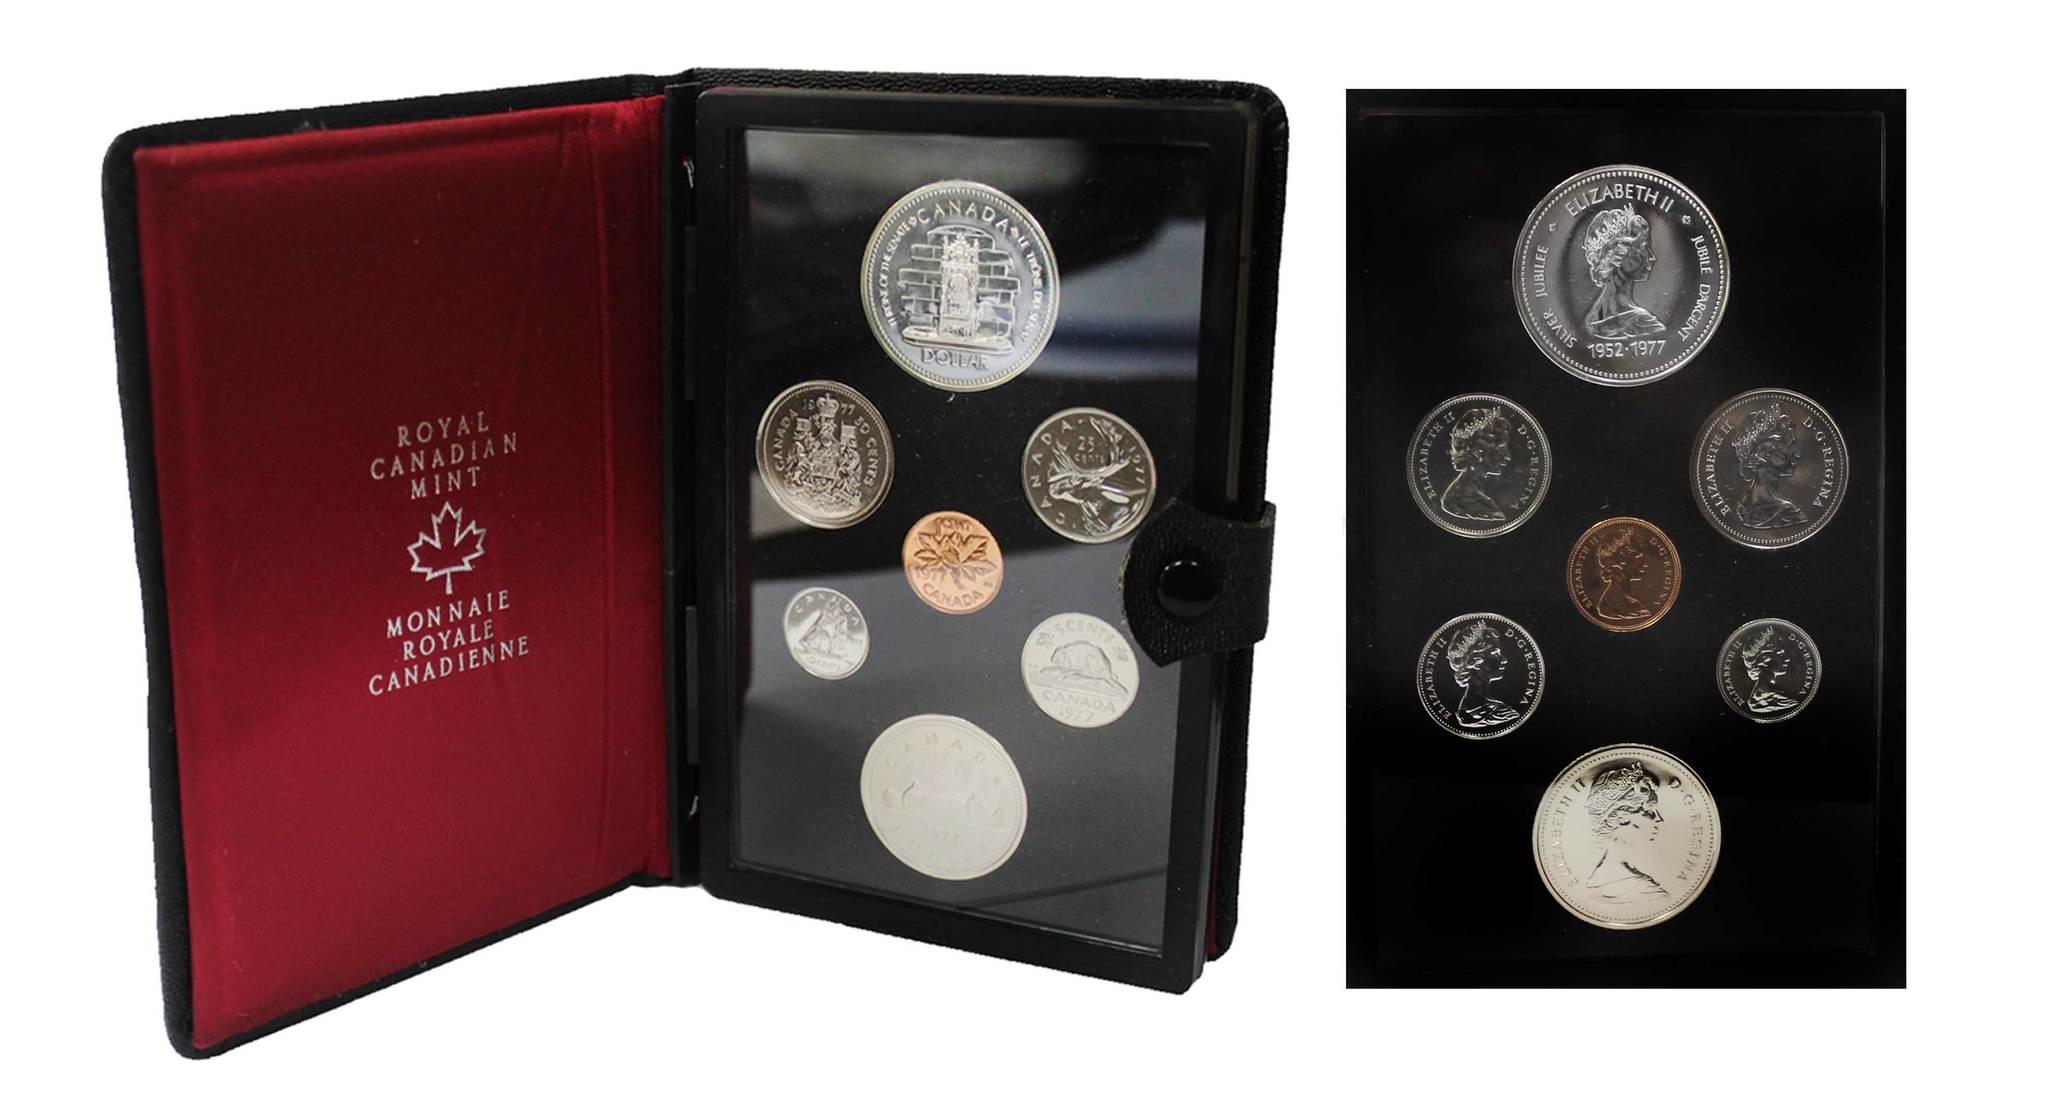 Набор монет Канады 1977 год, в кожаном футляре (Серебро, никель, бронза). PROOF